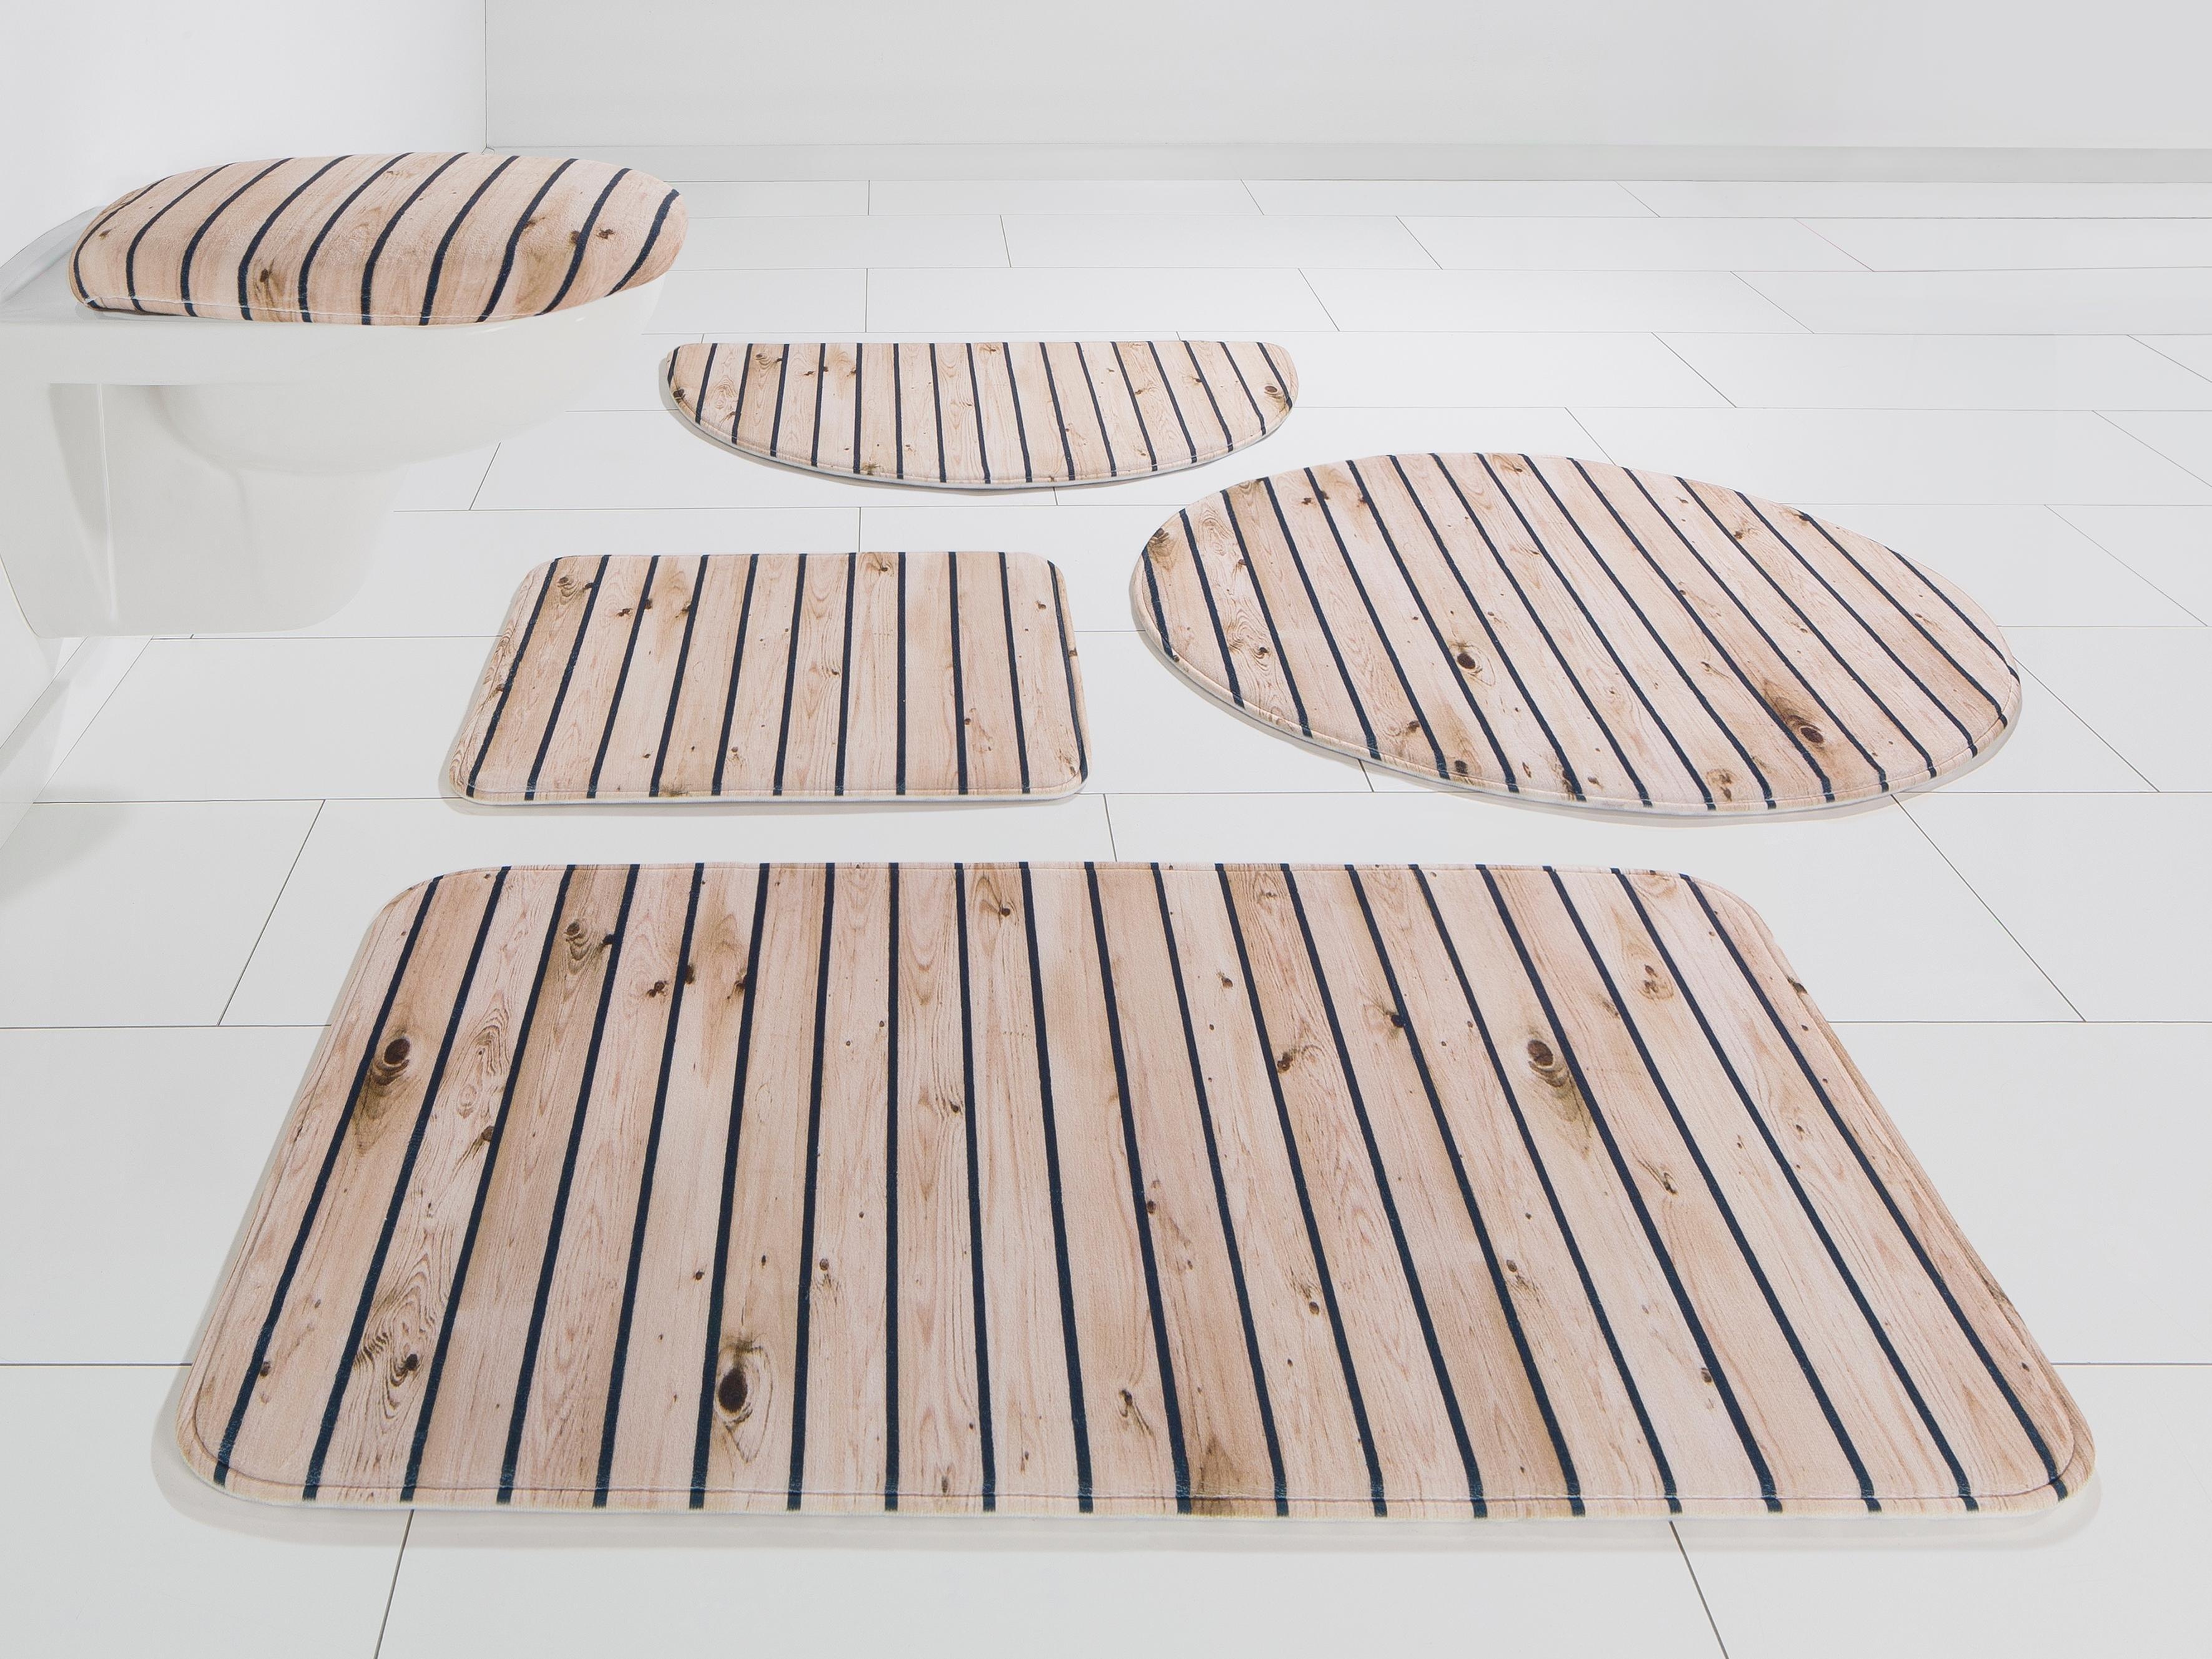 my home Badmat »Hout-look«,Selection, hoogte 14 mm, met antislip-coating bij OTTO online kopen